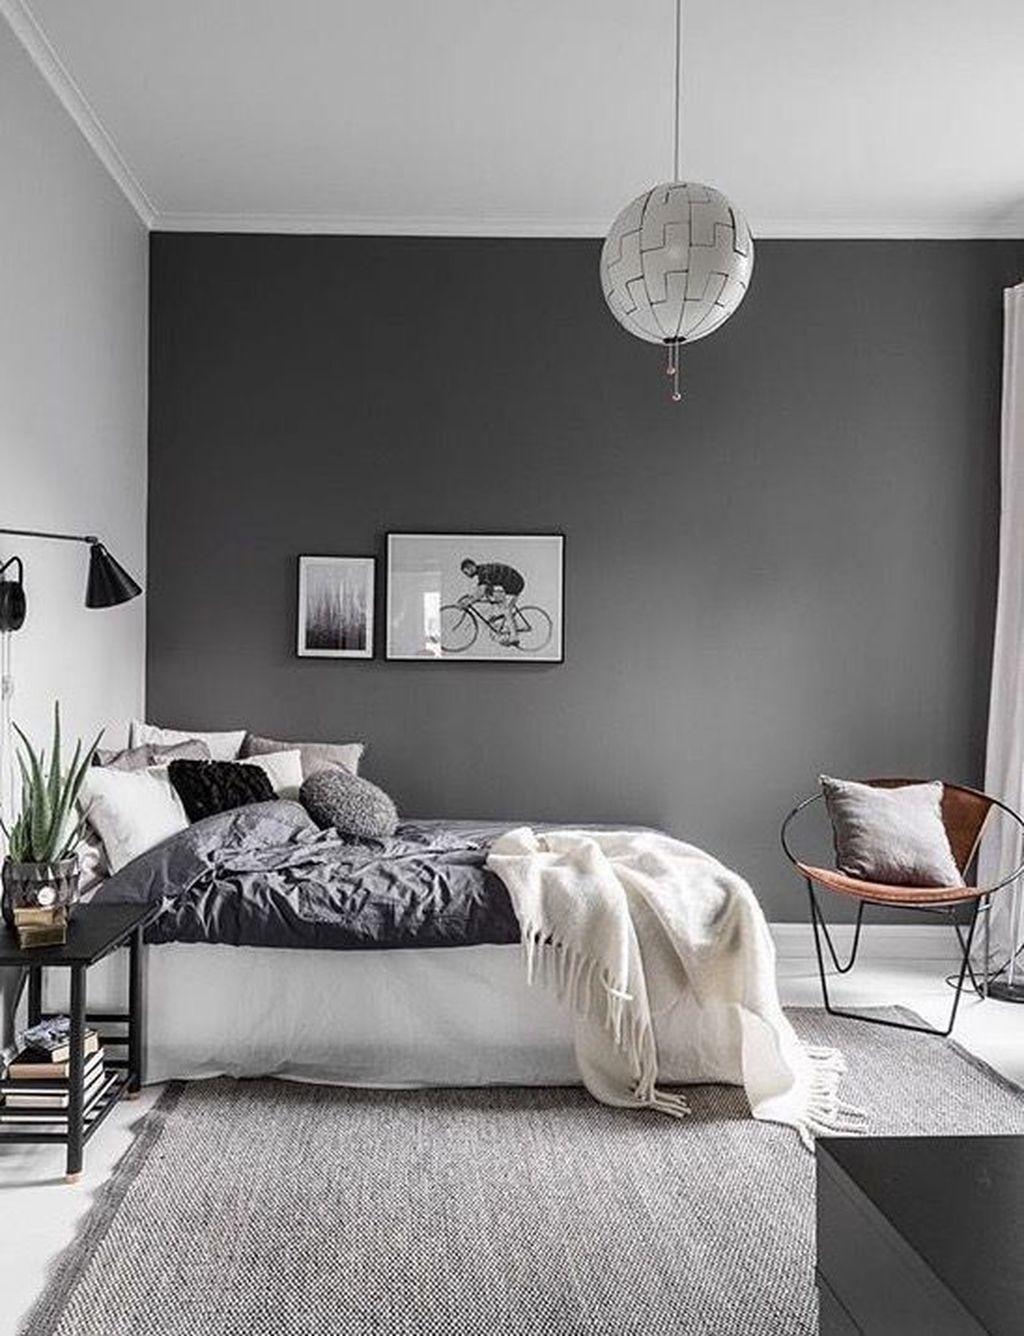 The Best Scandinavian Bedroom Interior Design Ideas 28